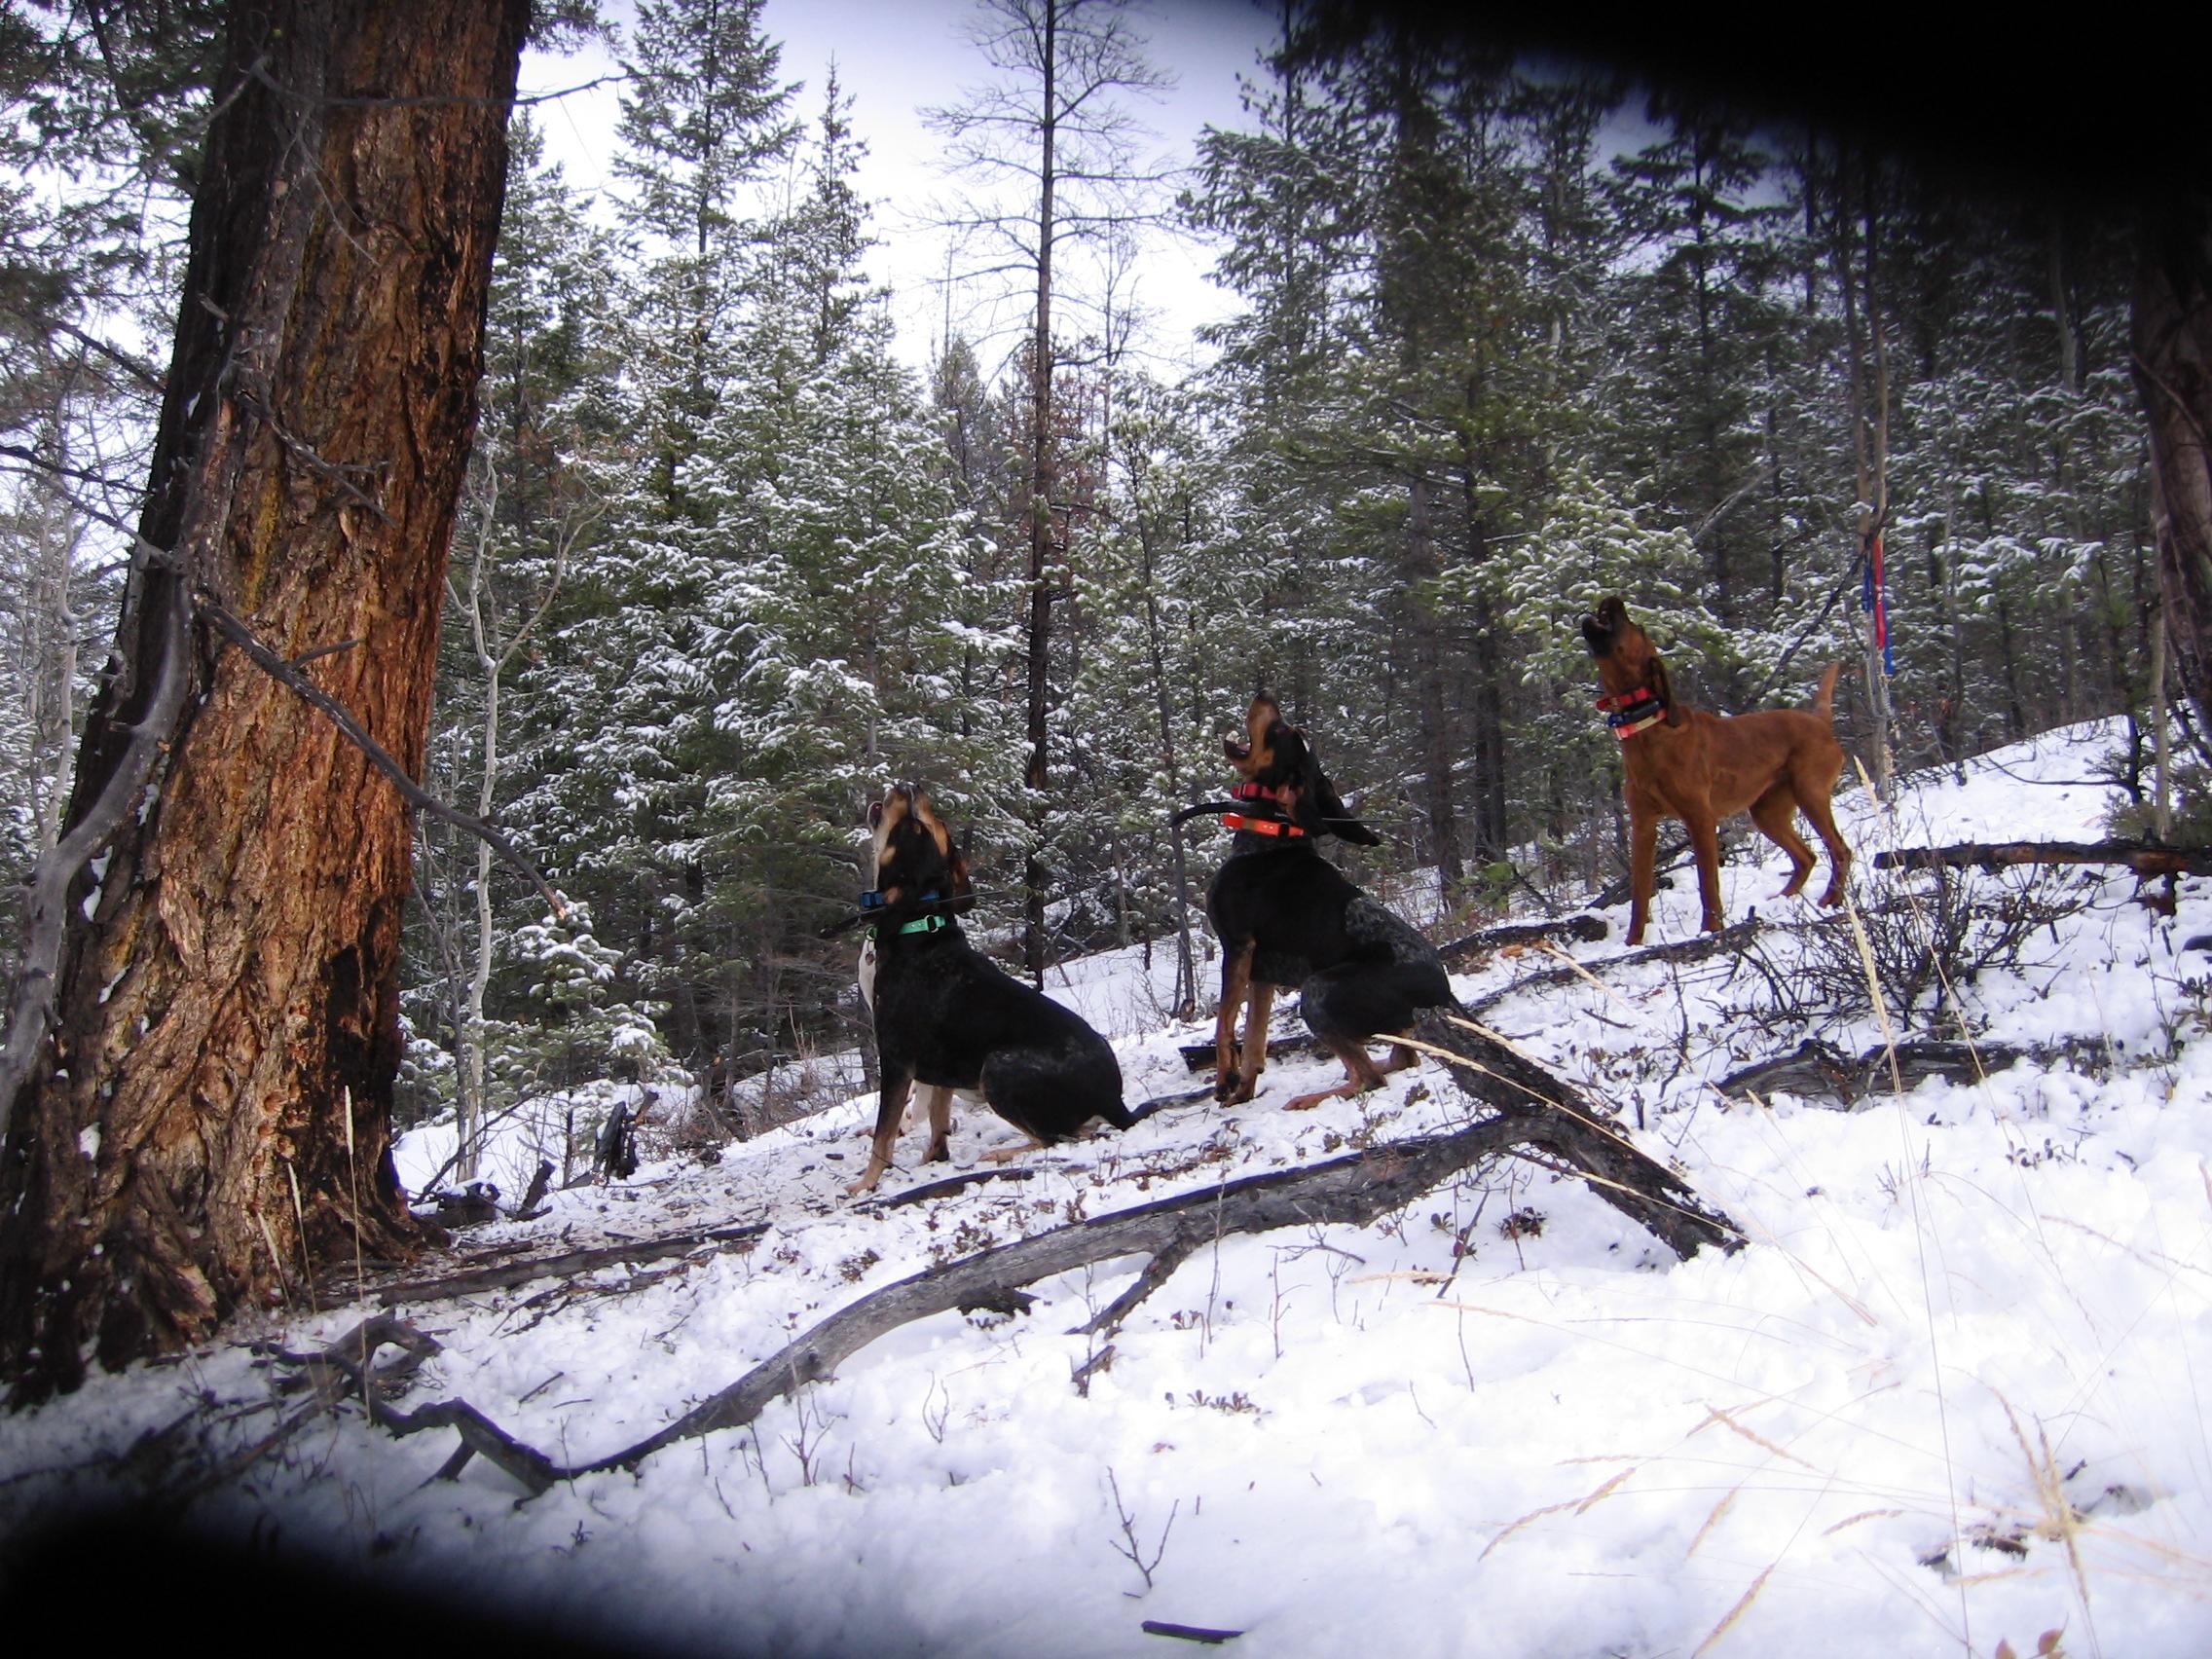 Tree hounds barking up a tree